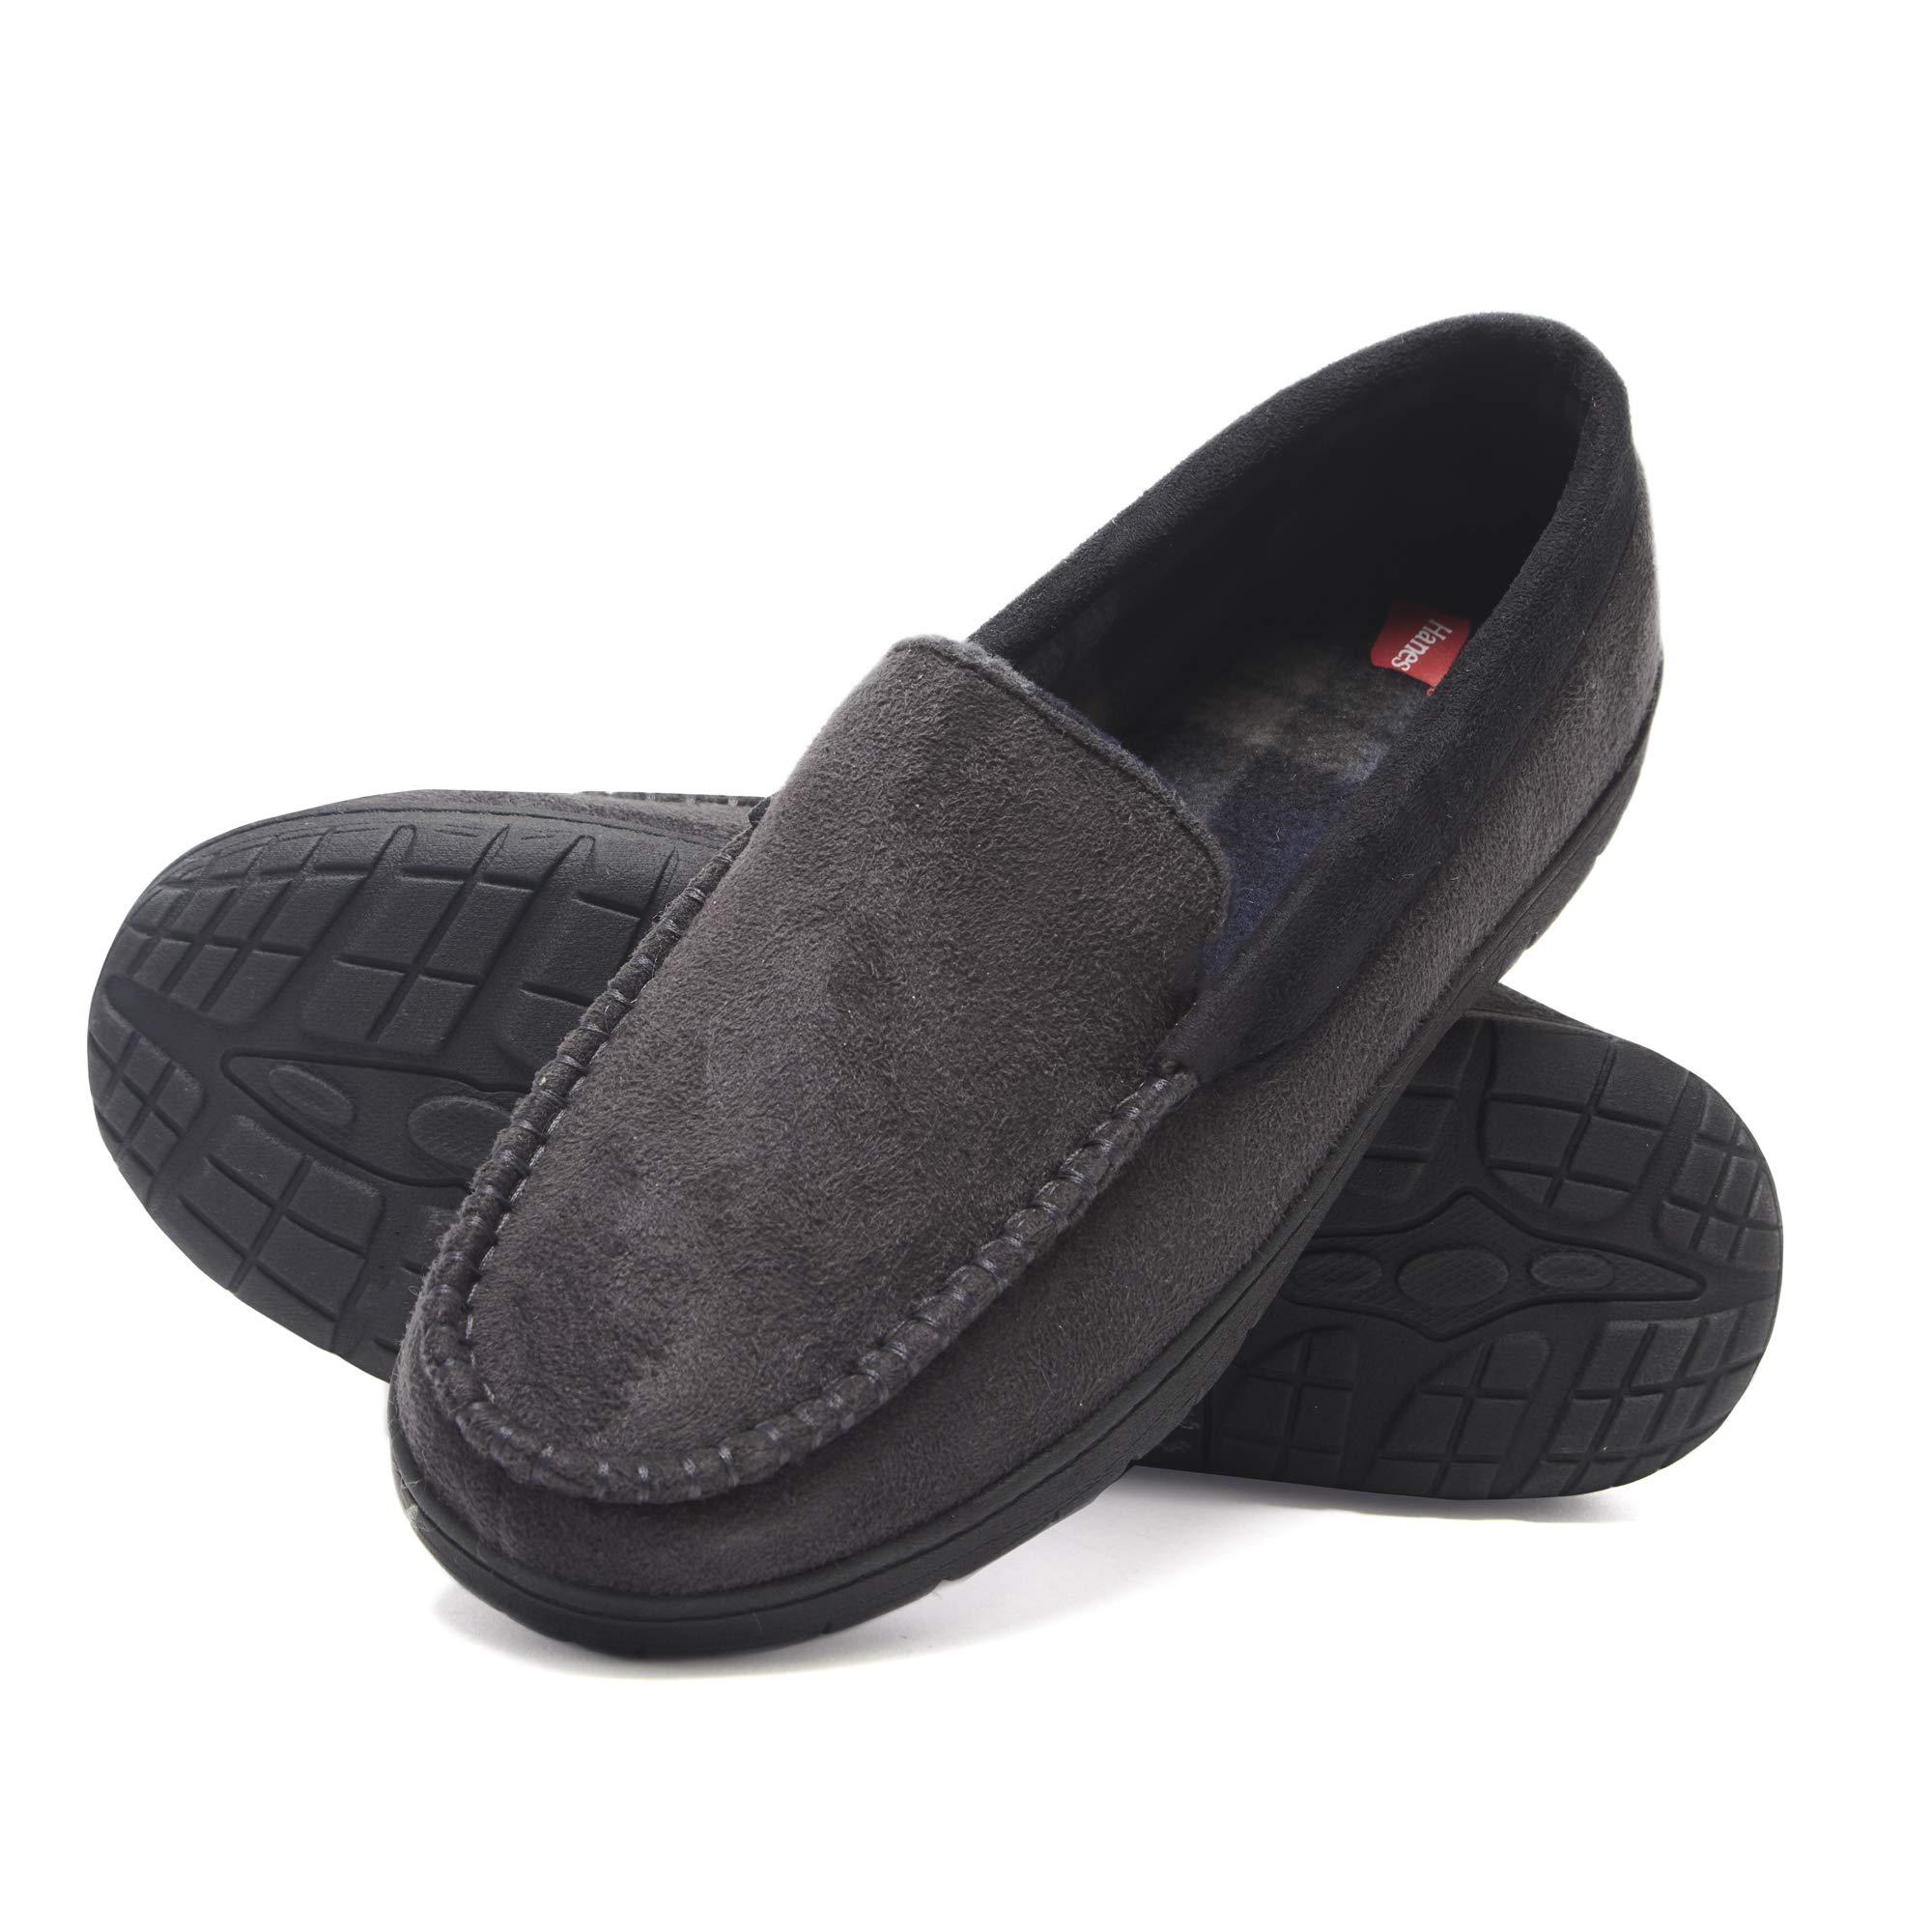 Microsuede Memory Foam Indoor Outdoor Moccasin Slipper Shoe - Men's and Boy's Sizes